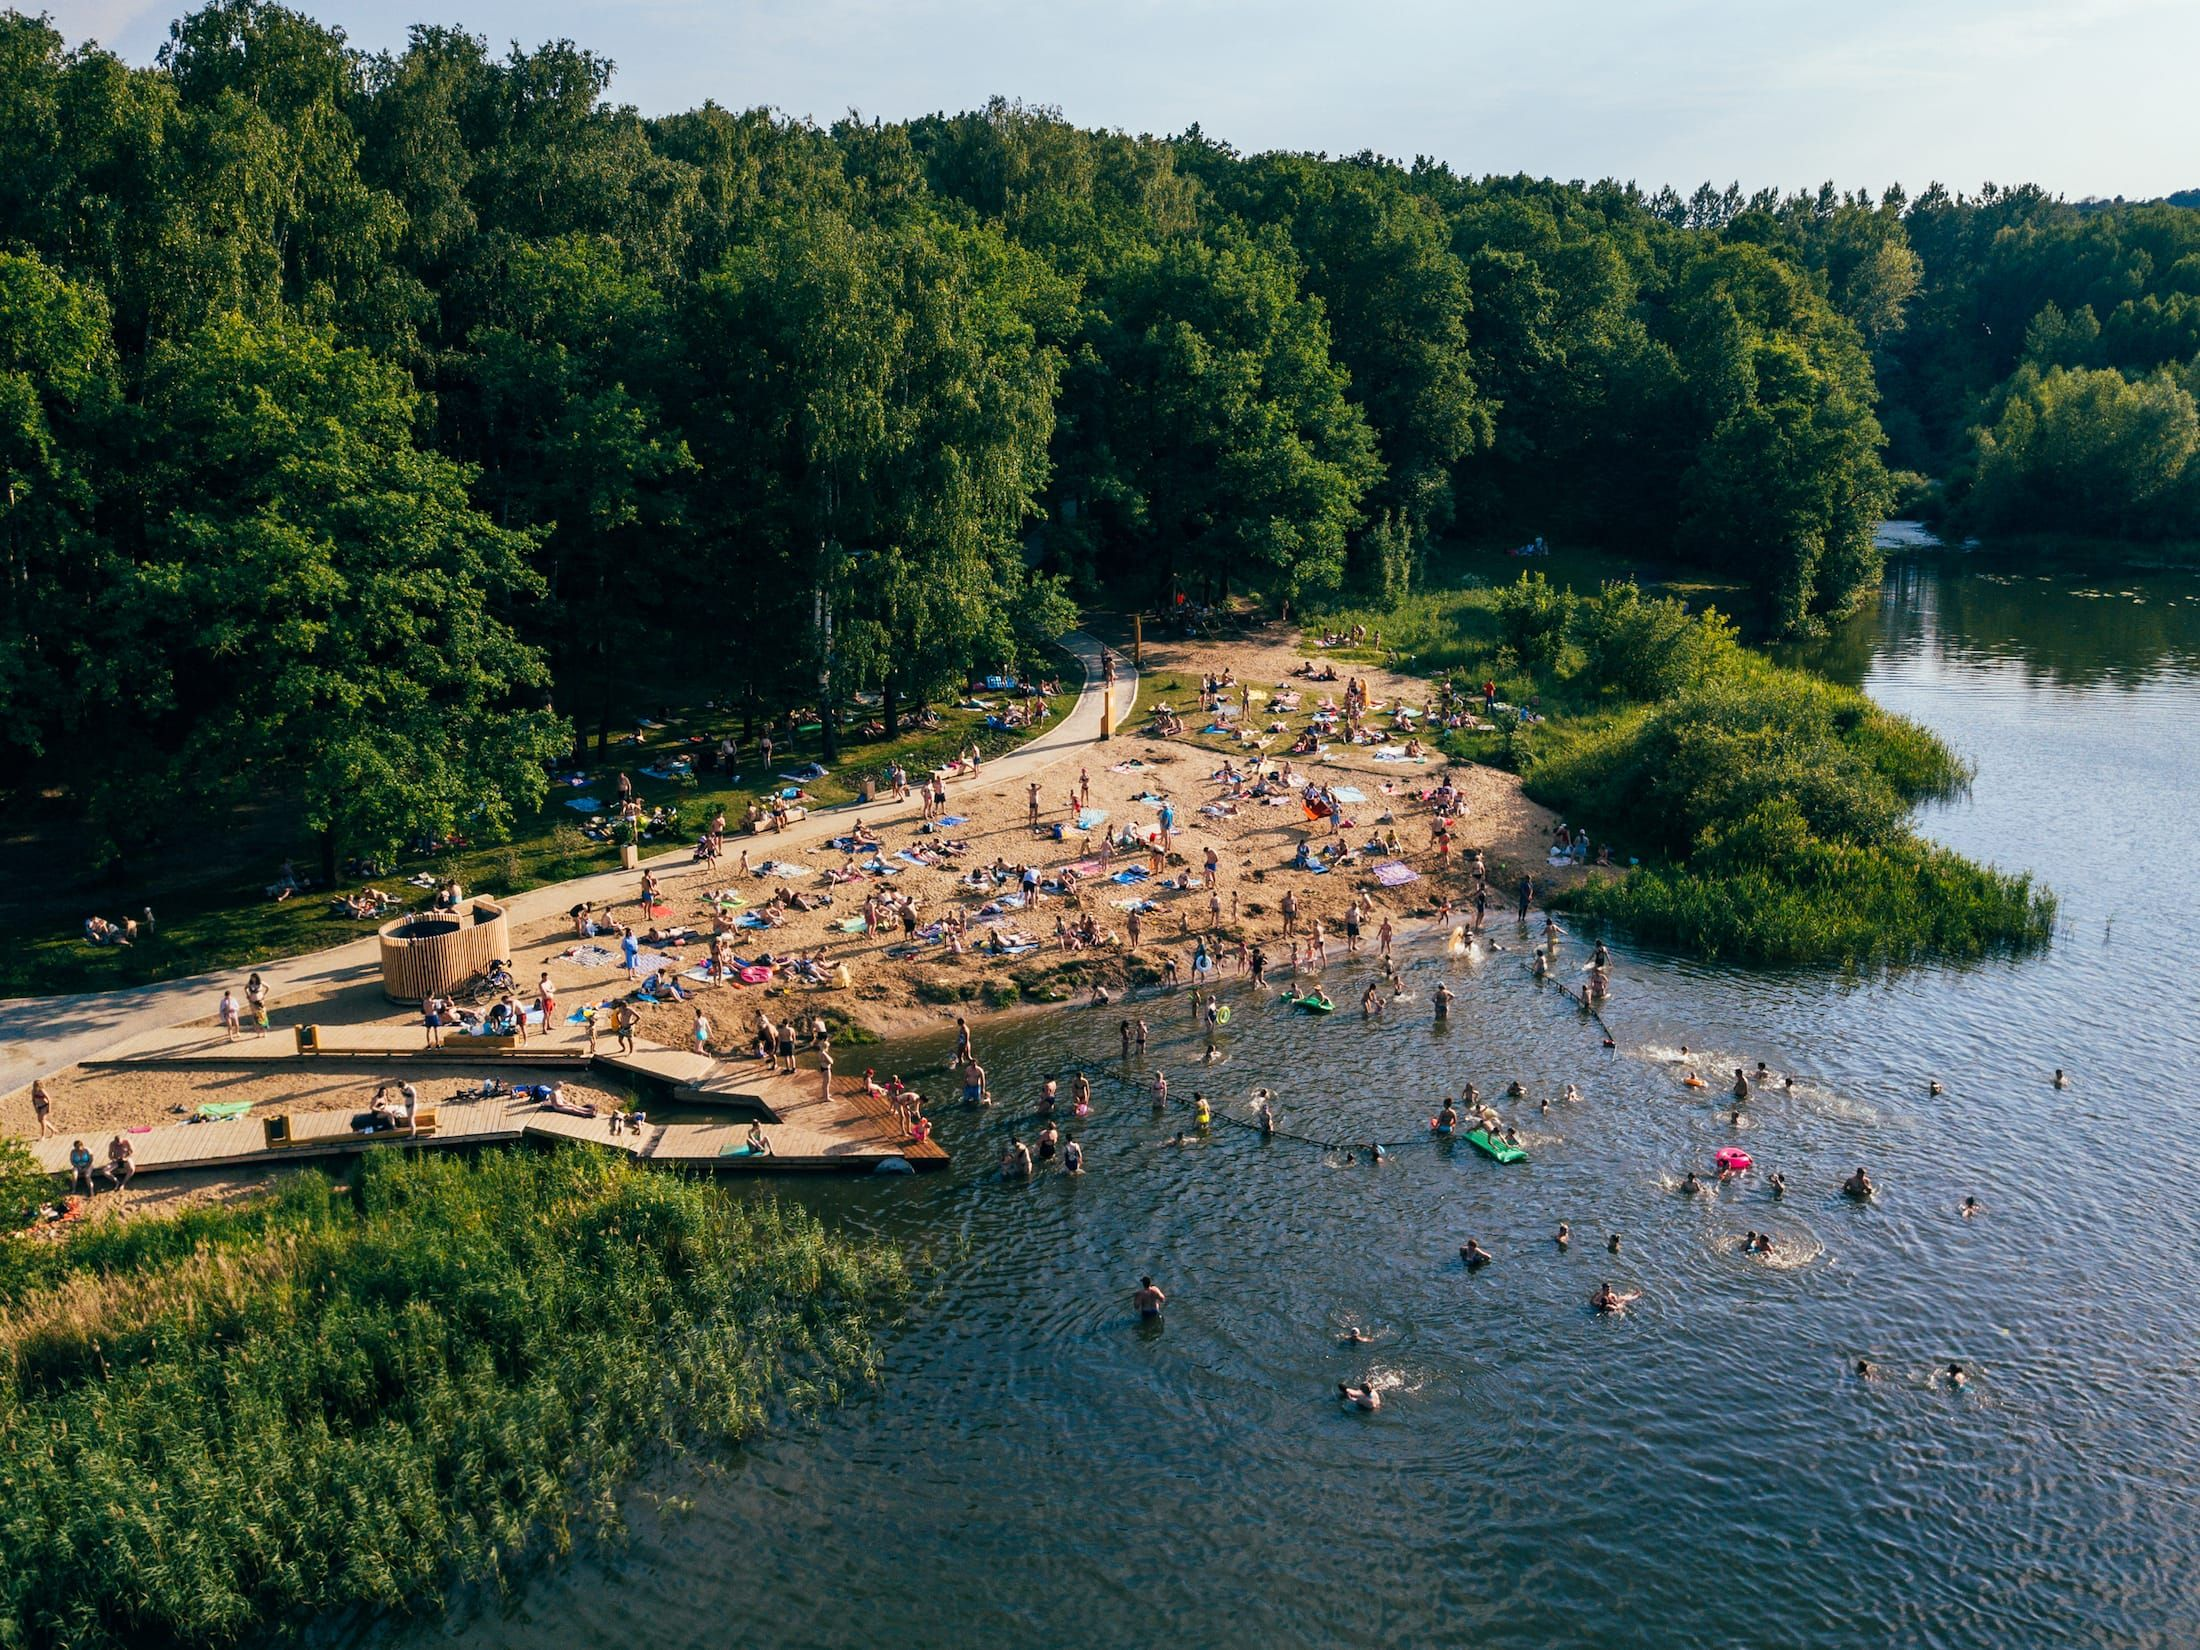 俄罗斯下诺夫哥罗德 森林公园湖滨景观 Ogorod Forest Park Park Forest